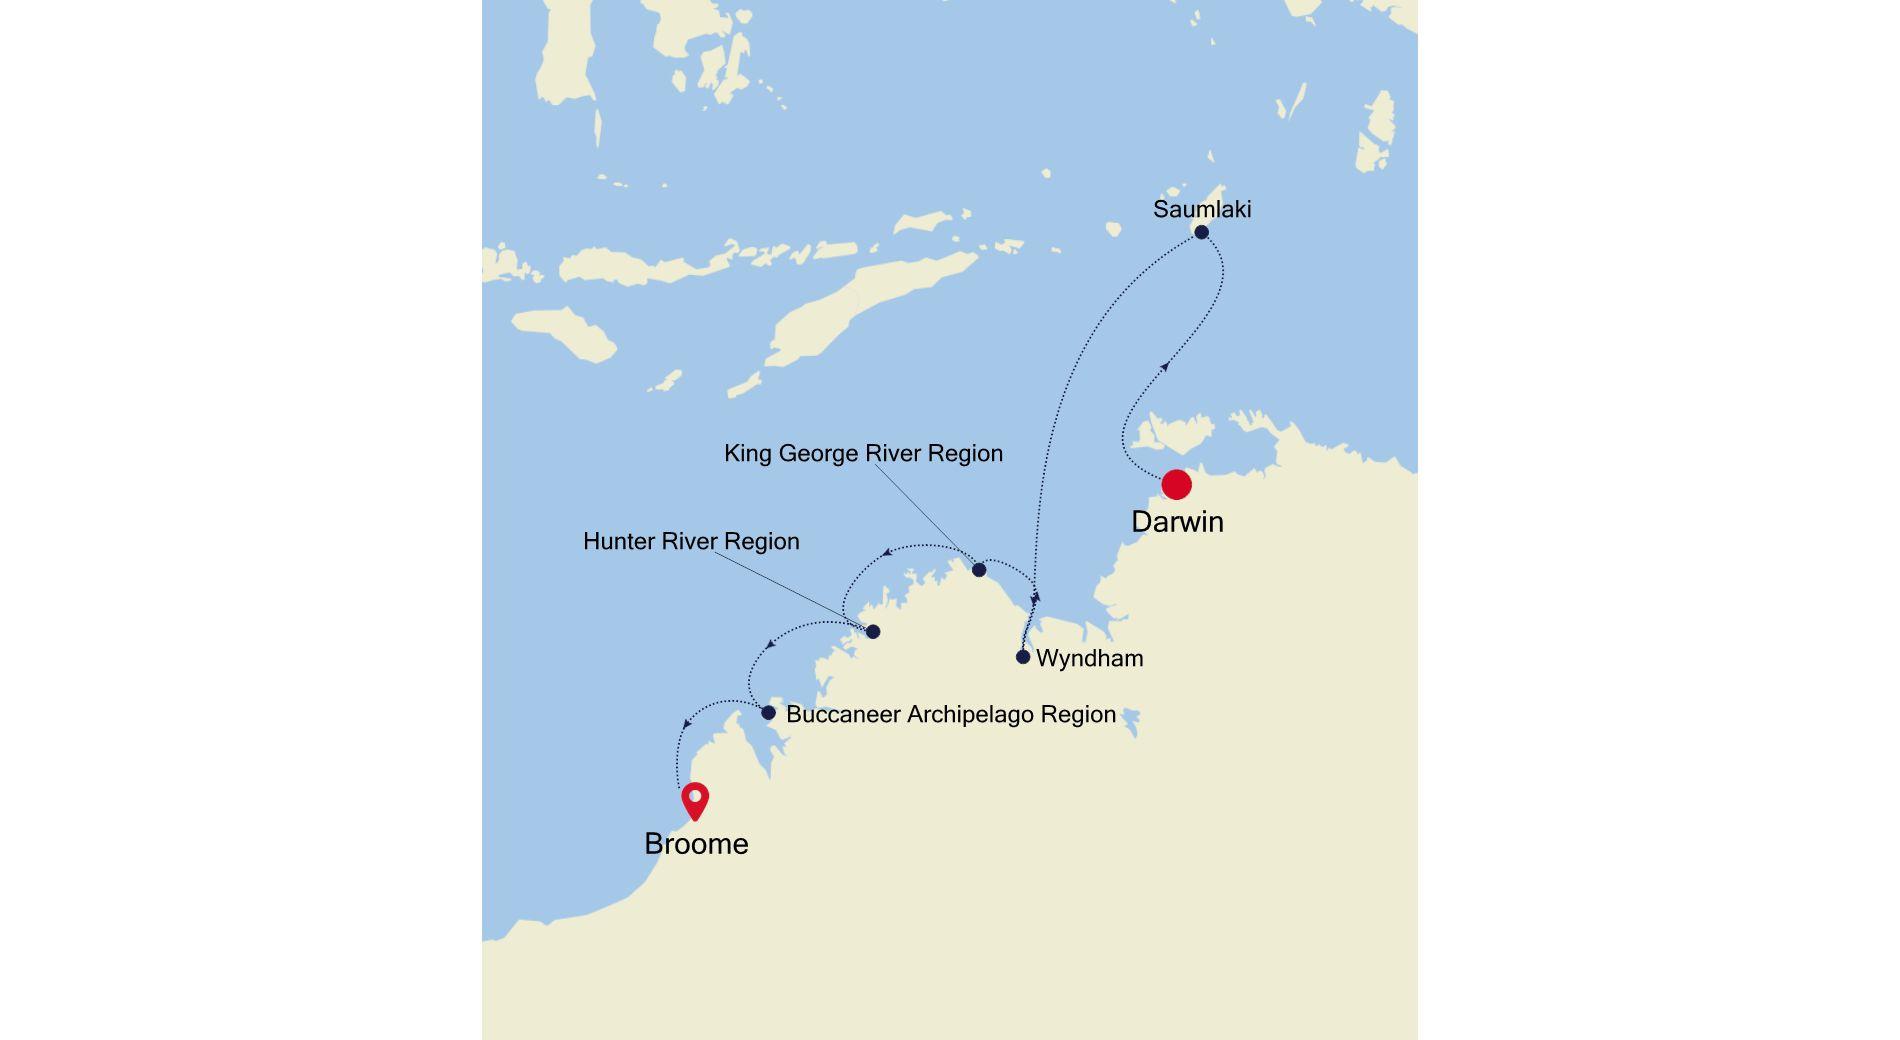 9907 - Darwin nach Broome